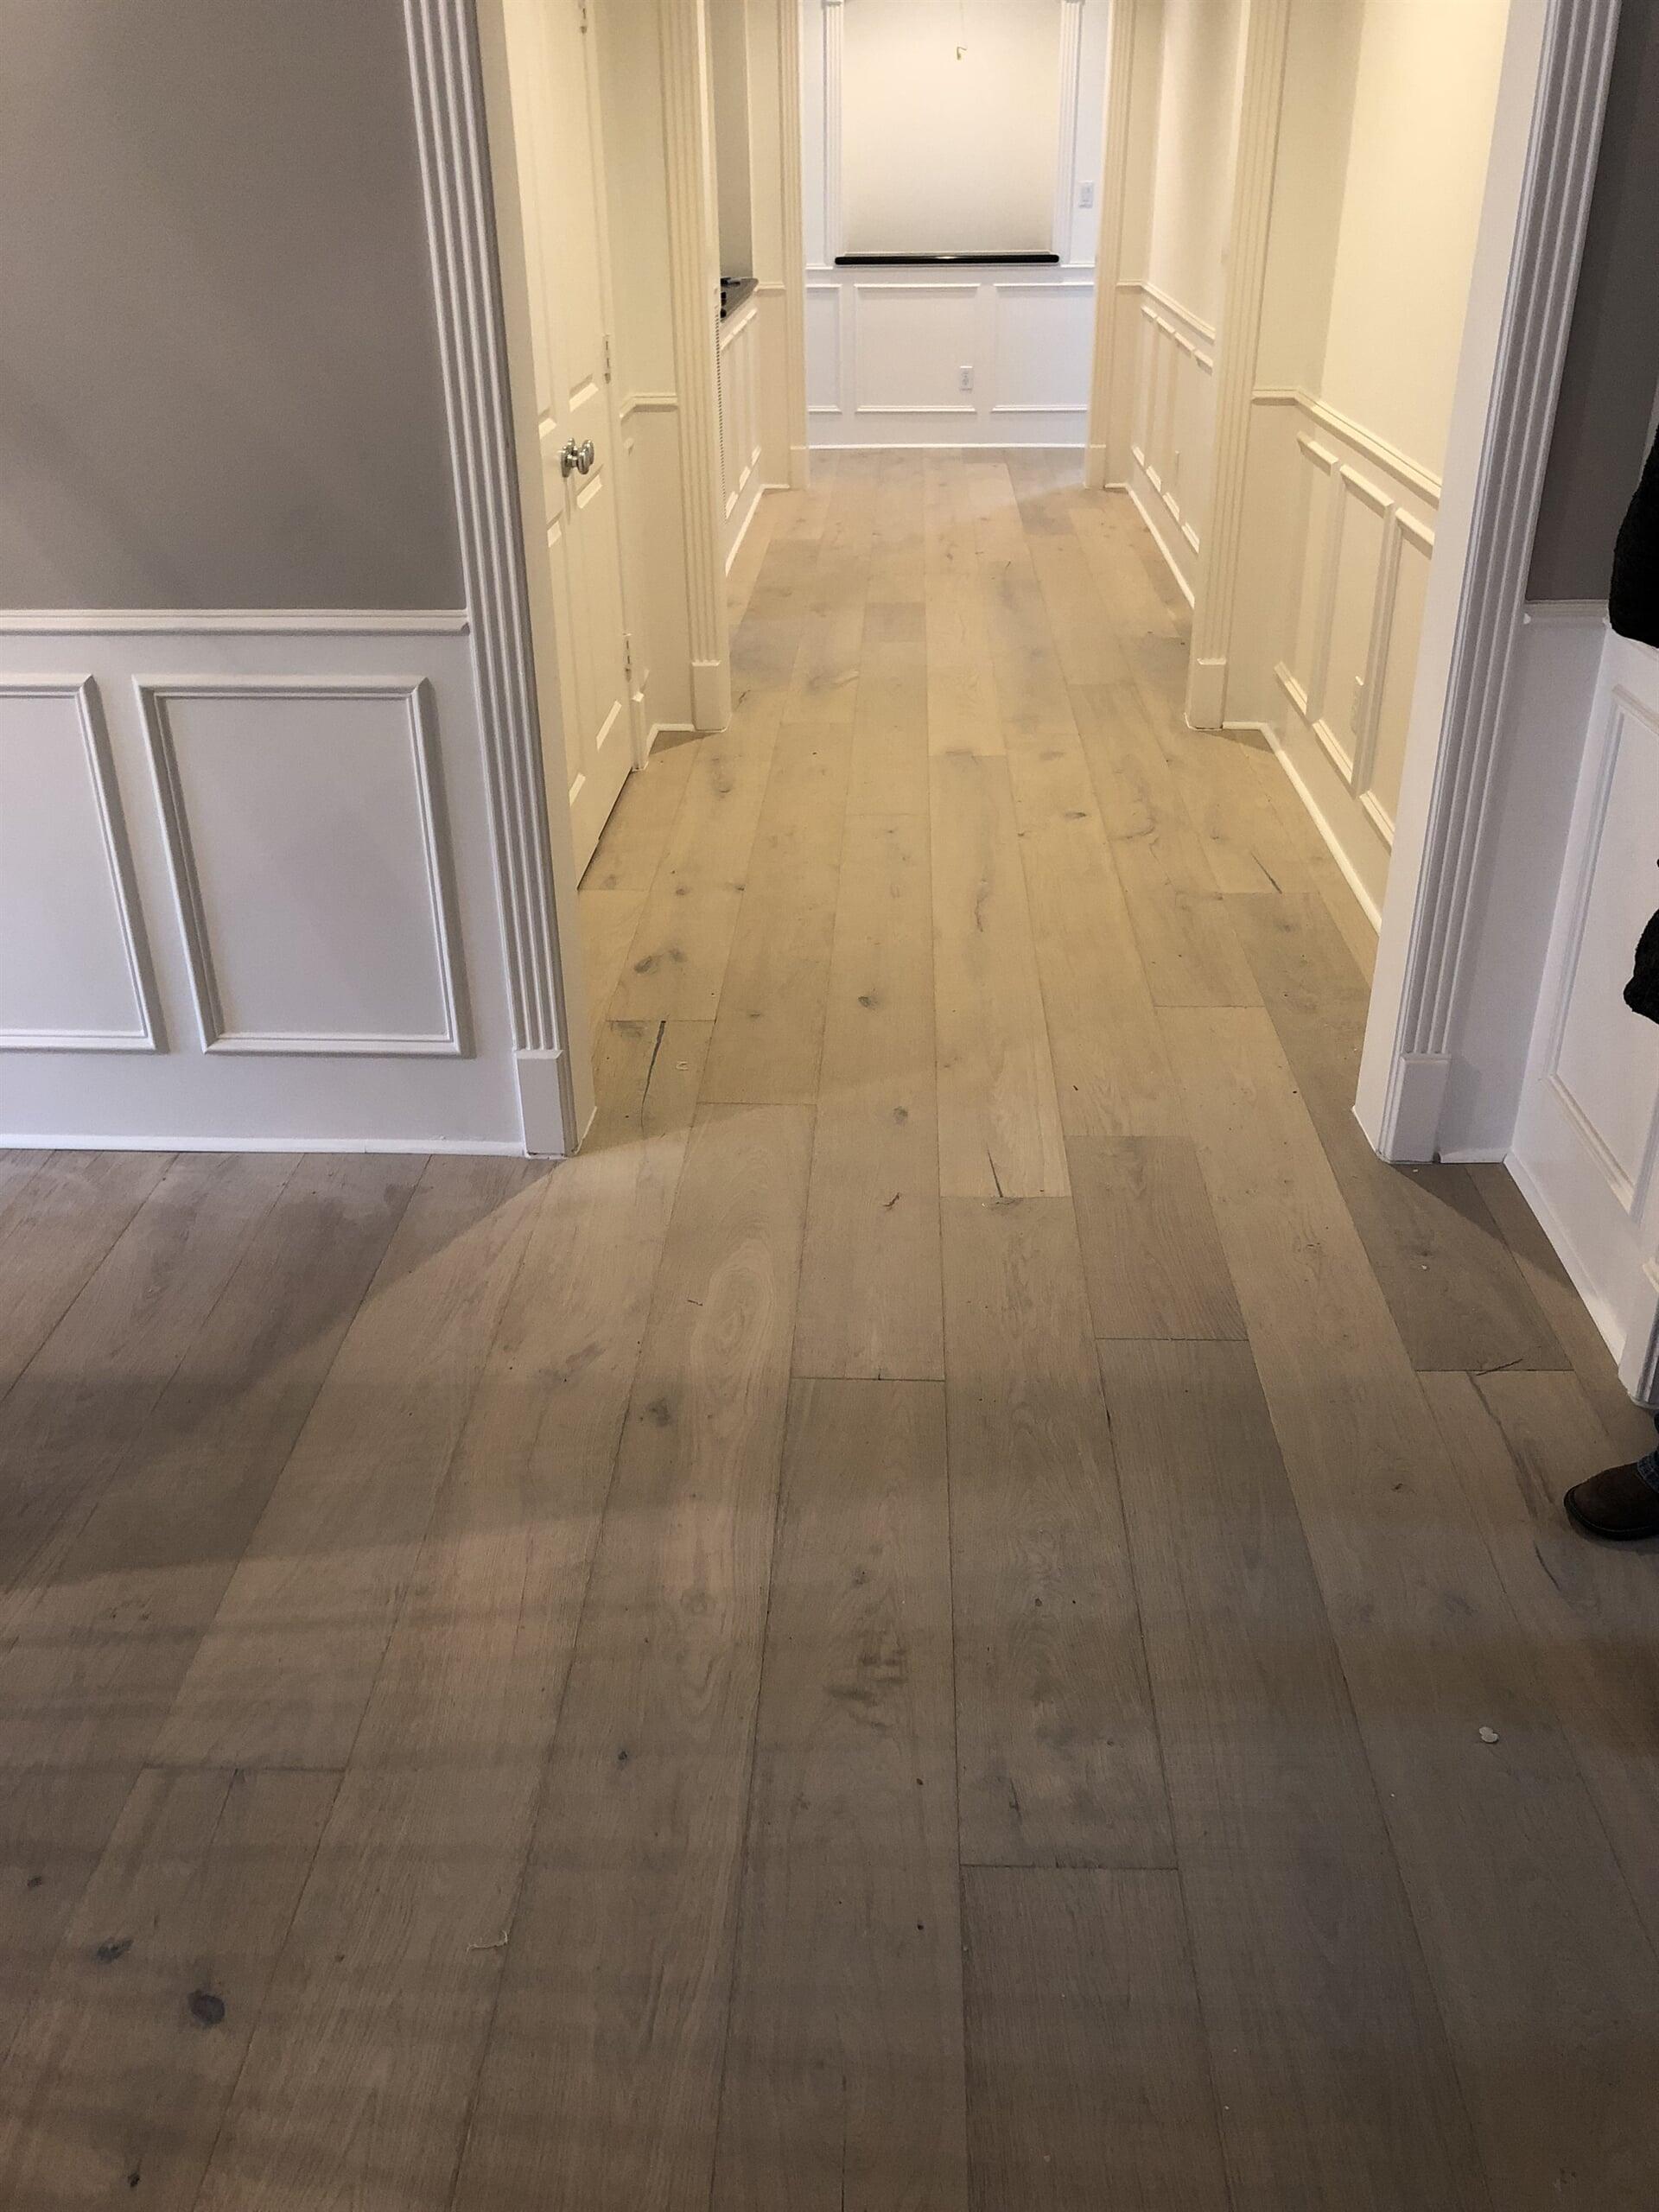 Engineered Hardwood flooring from Houston Floor Installation Services in Houston, TX